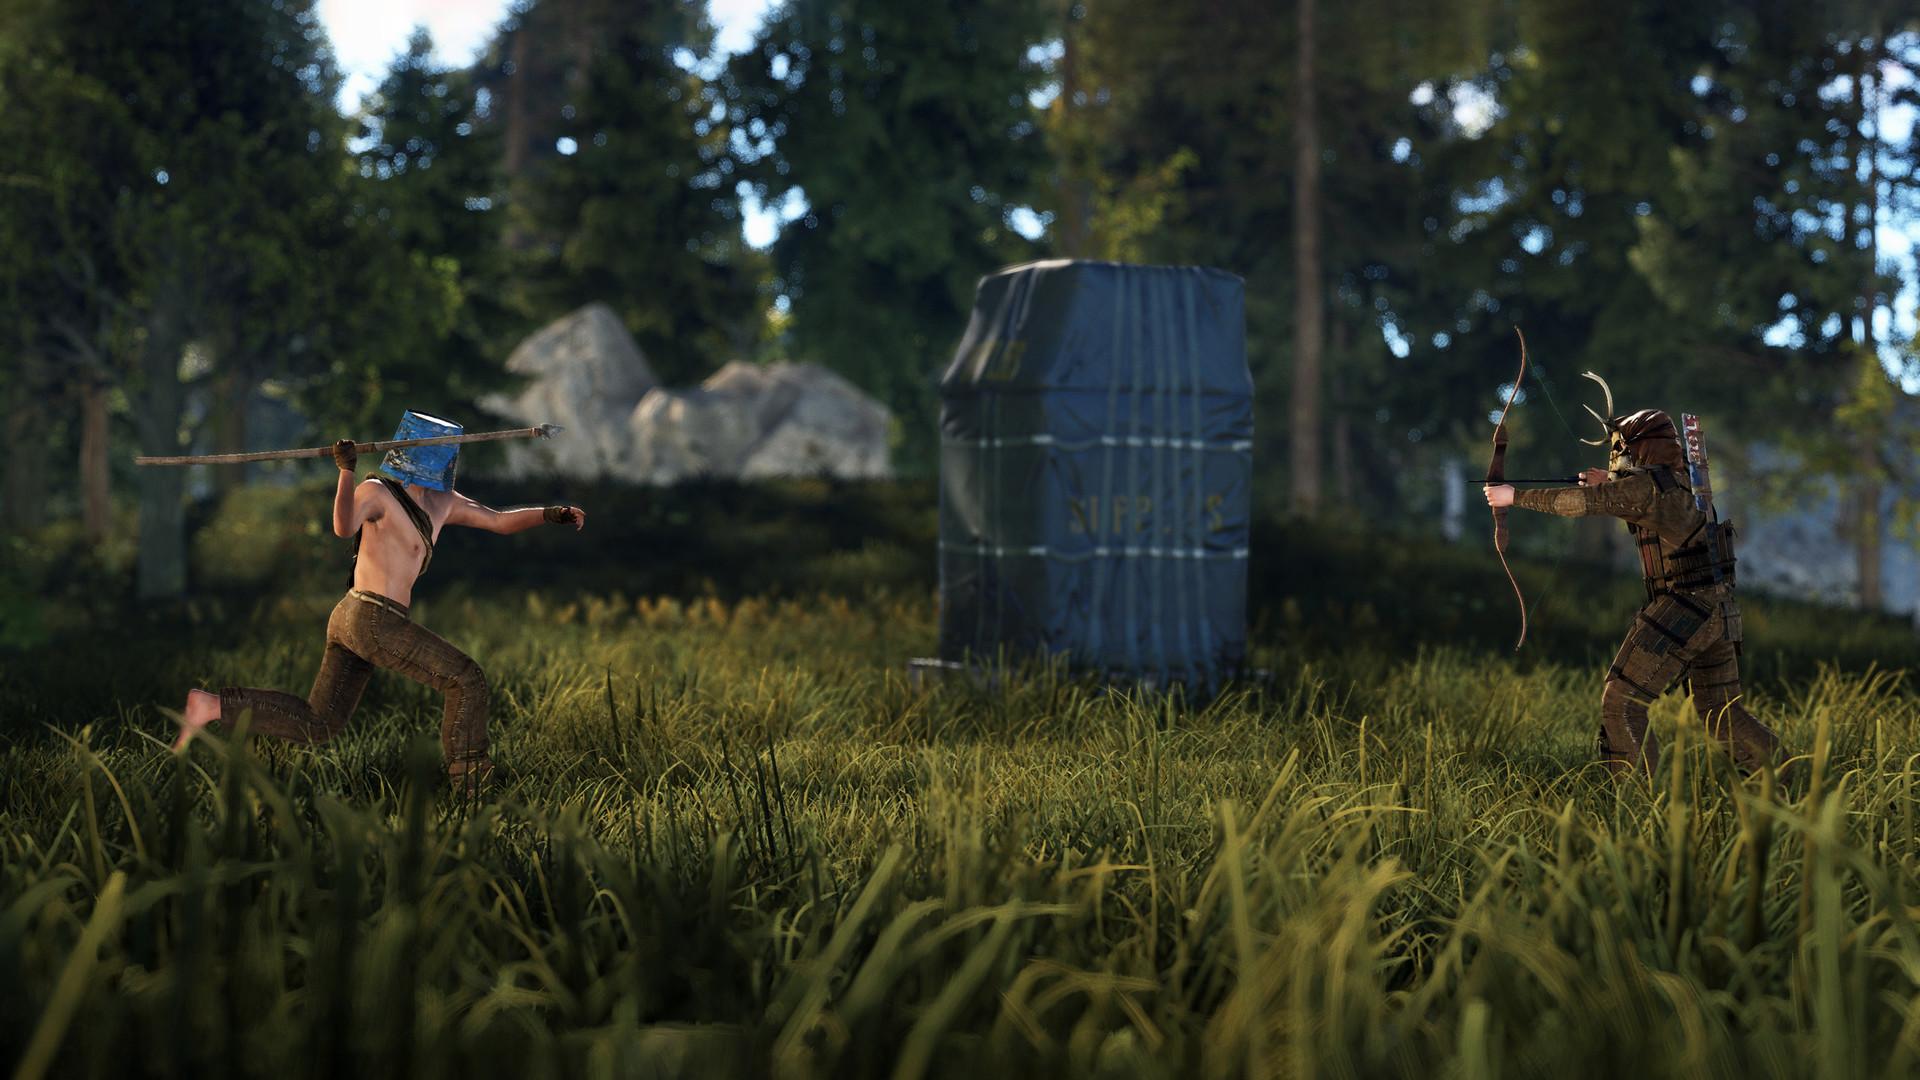 《腐蚀》将于春季推出主机版 登陆PS4和Xbox One